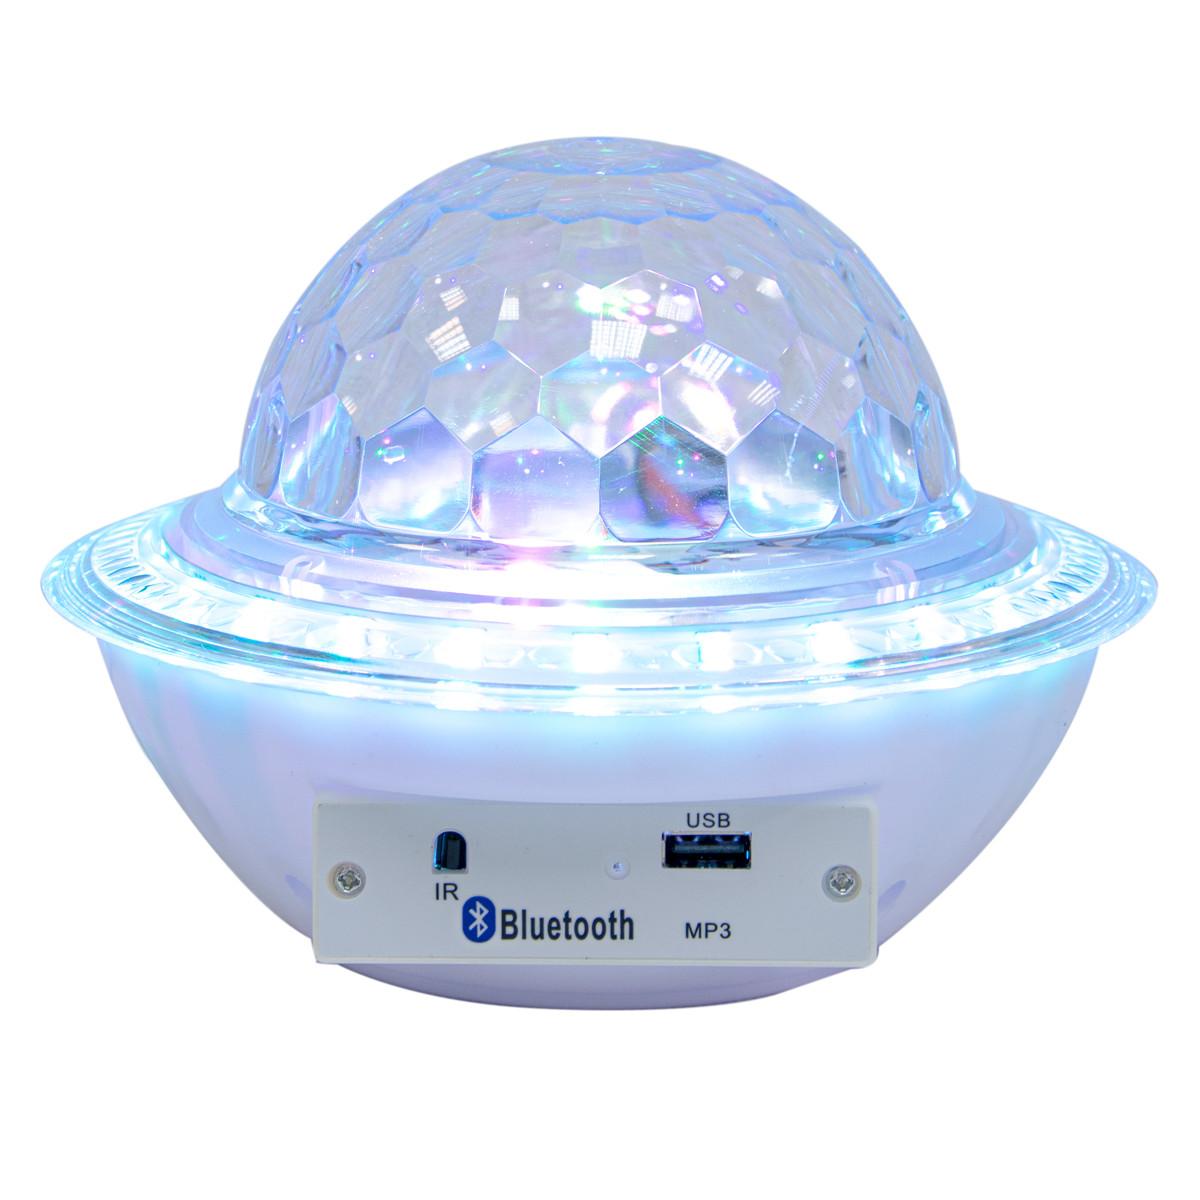 Диско шар с блютузом Ufo crystal magic ball - Белый, светодиодный музыкальный дискошар, цветомузыка (ST)